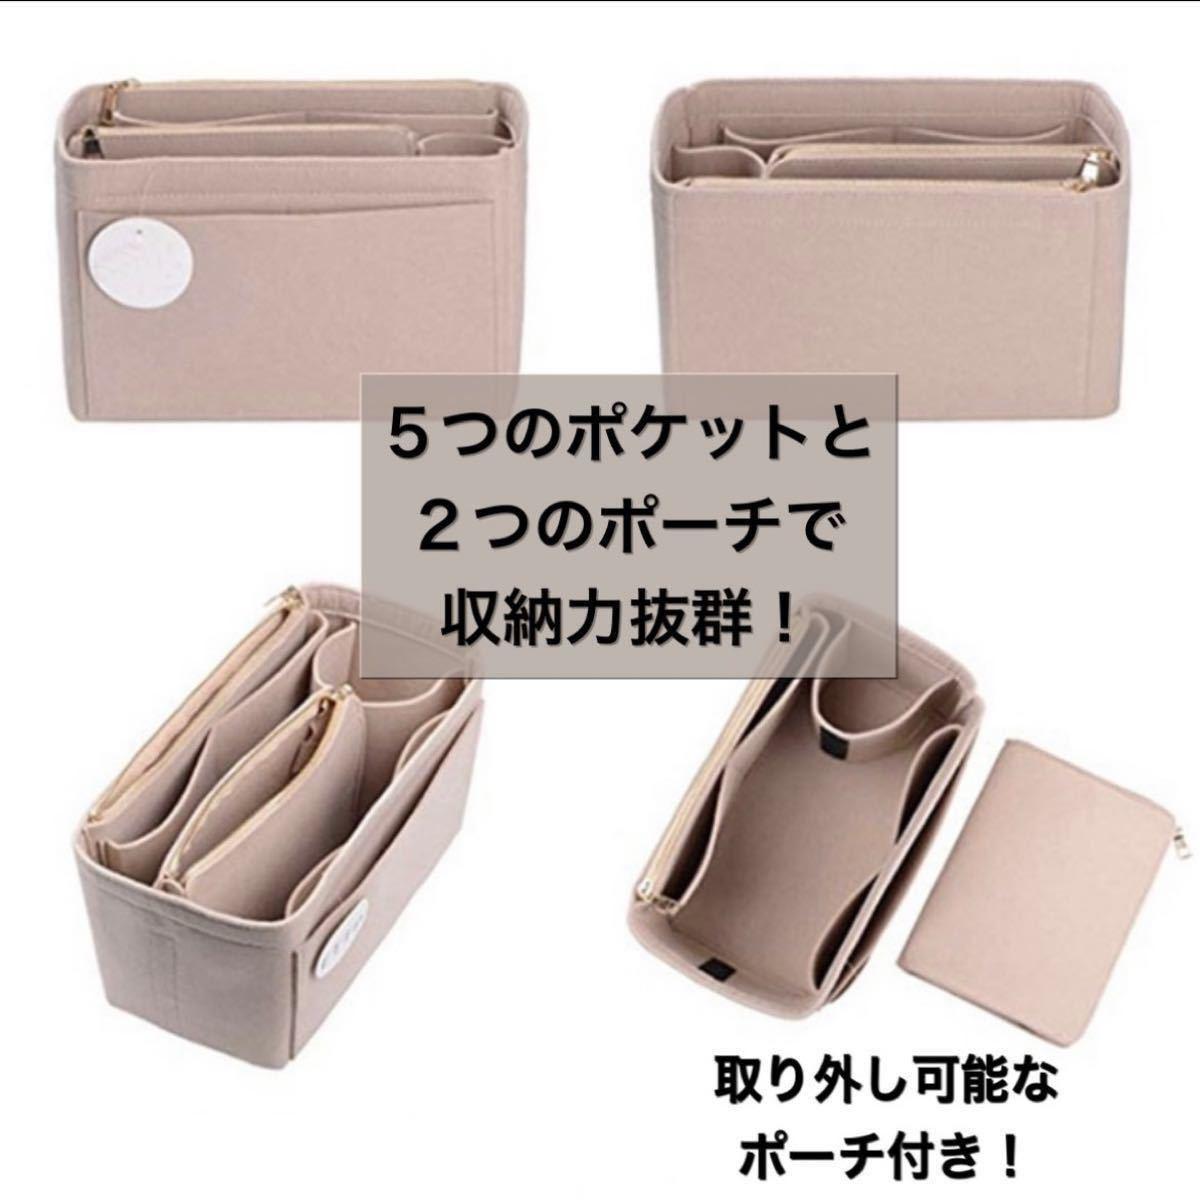 バッグインバッグ バッグ 収納 大容量 軽量 トートバッグ ハンドバッグ M メイクポーチ 旅行ポーチ 化粧ポーチ